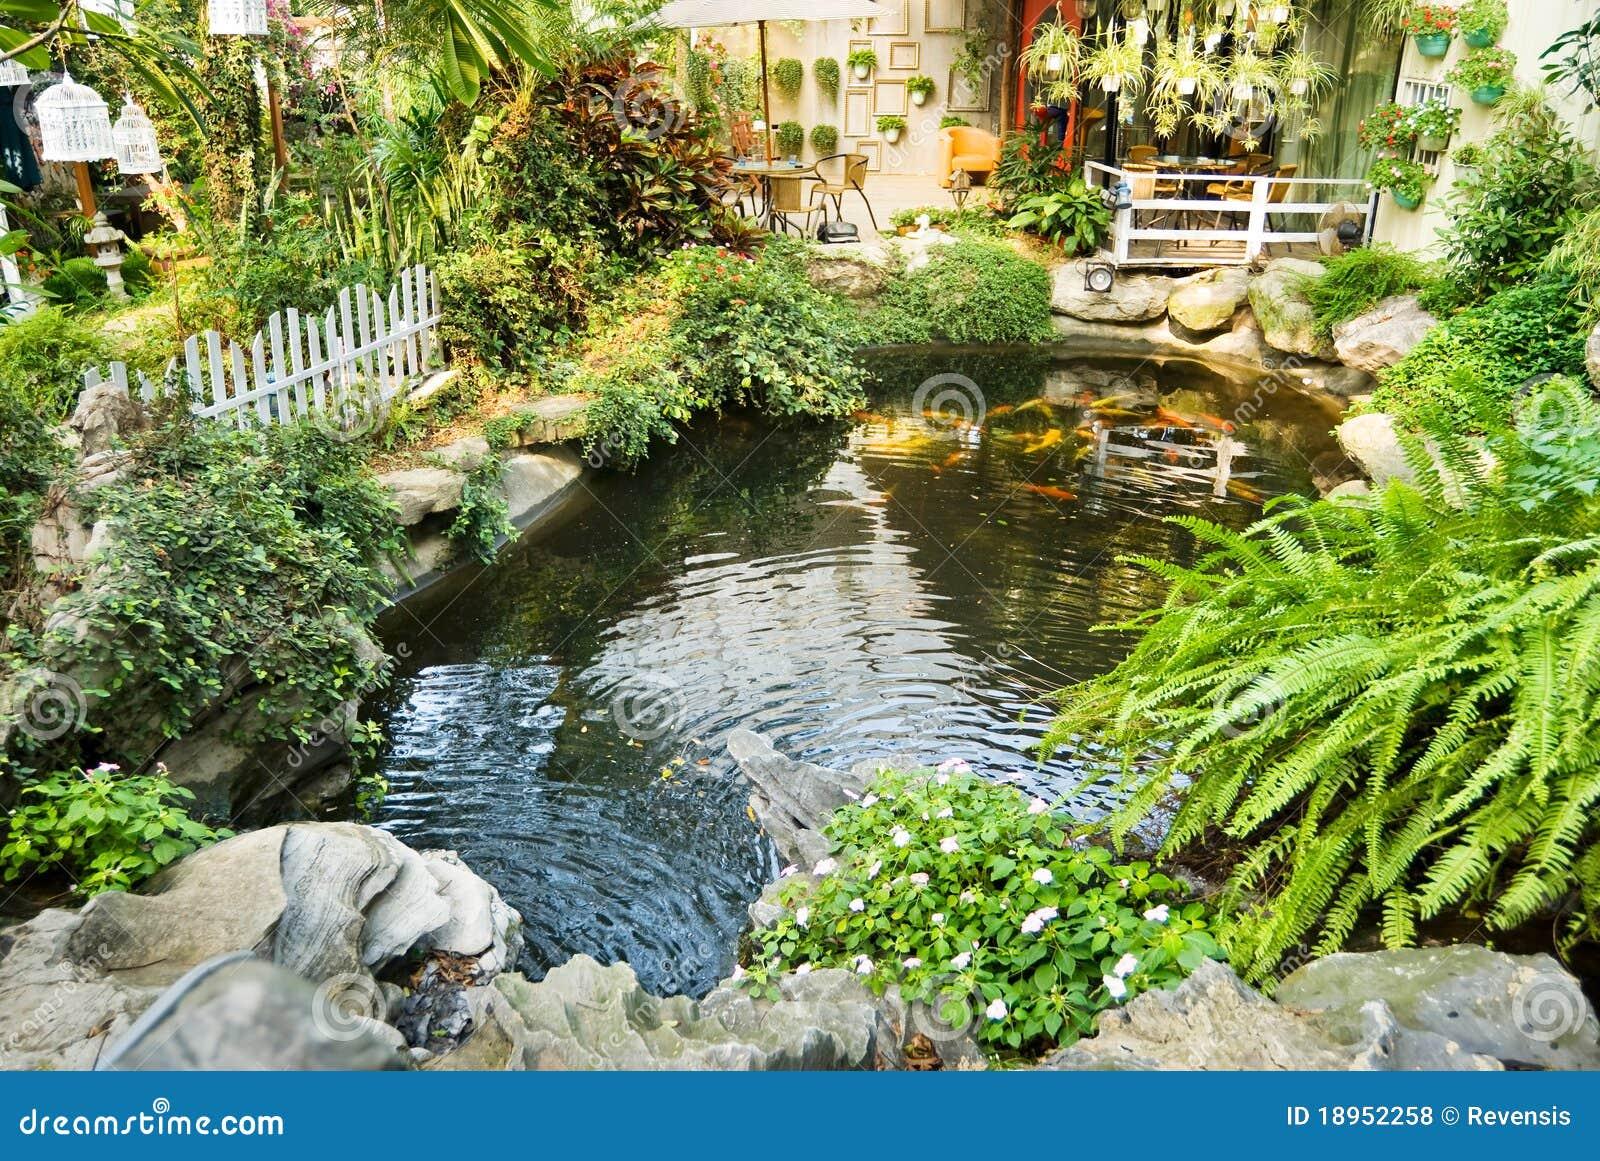 jard n hermoso con las carpas japonesas en la piscina foto ForJardin Japones Piscina